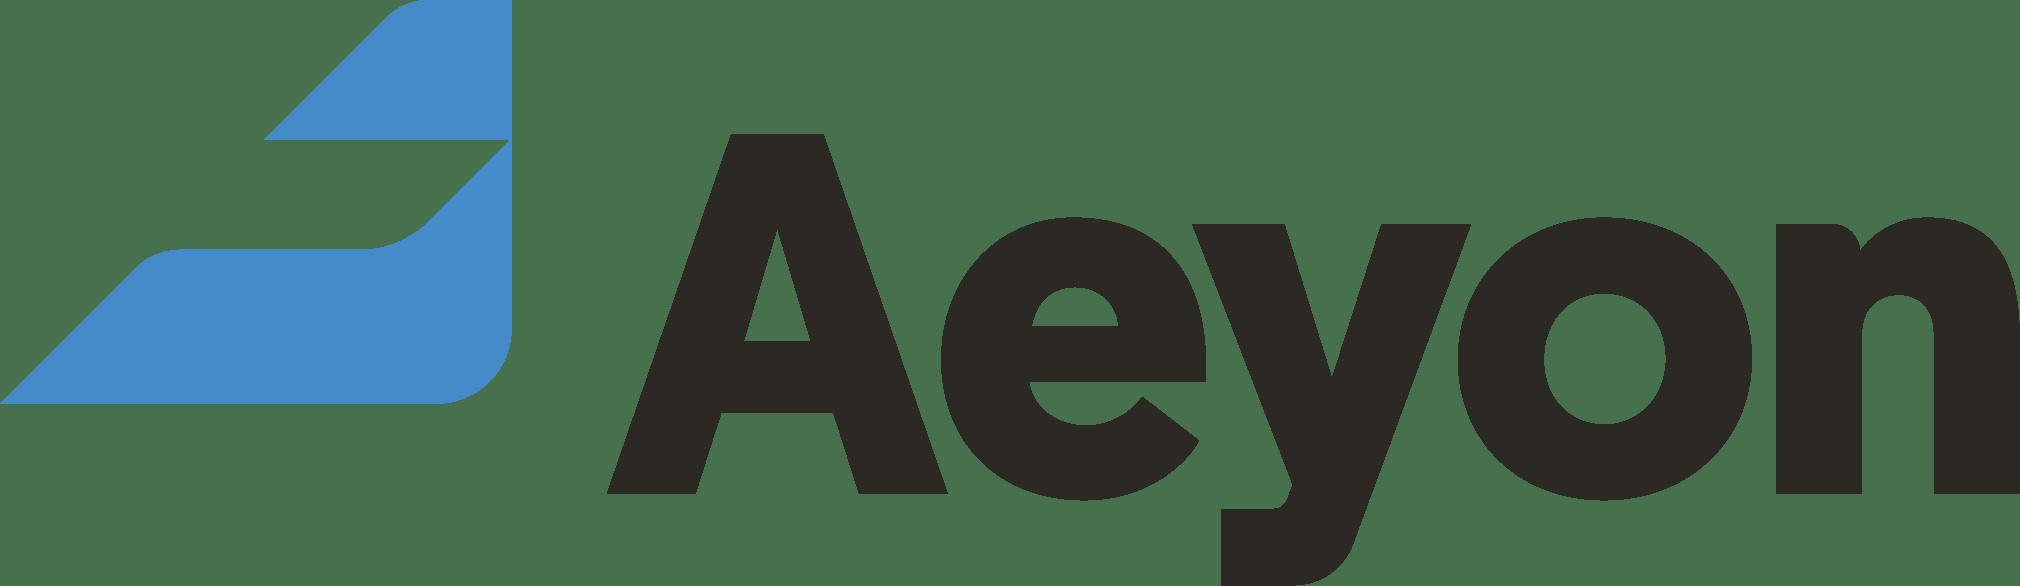 Aeyon